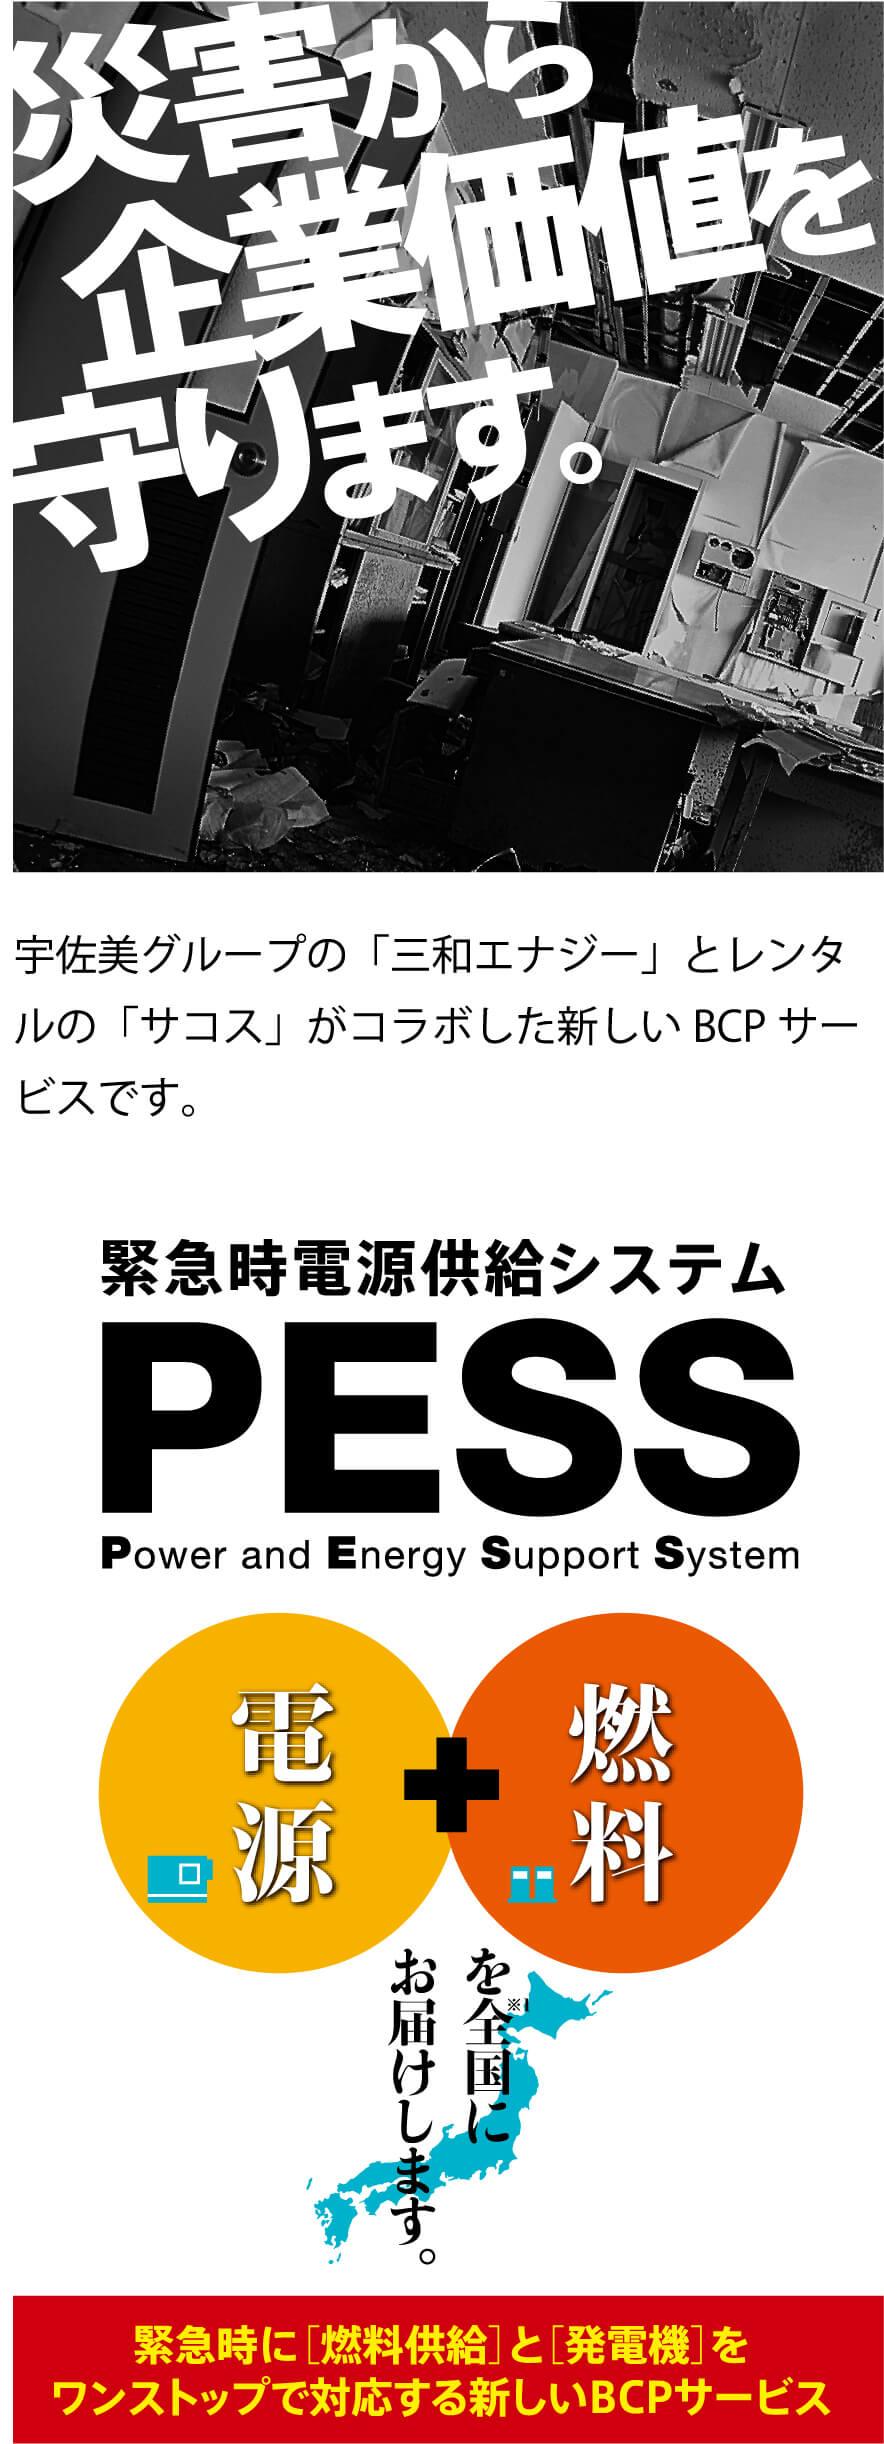 災害から企業価値を守ります 緊急時電源供給システムPESS